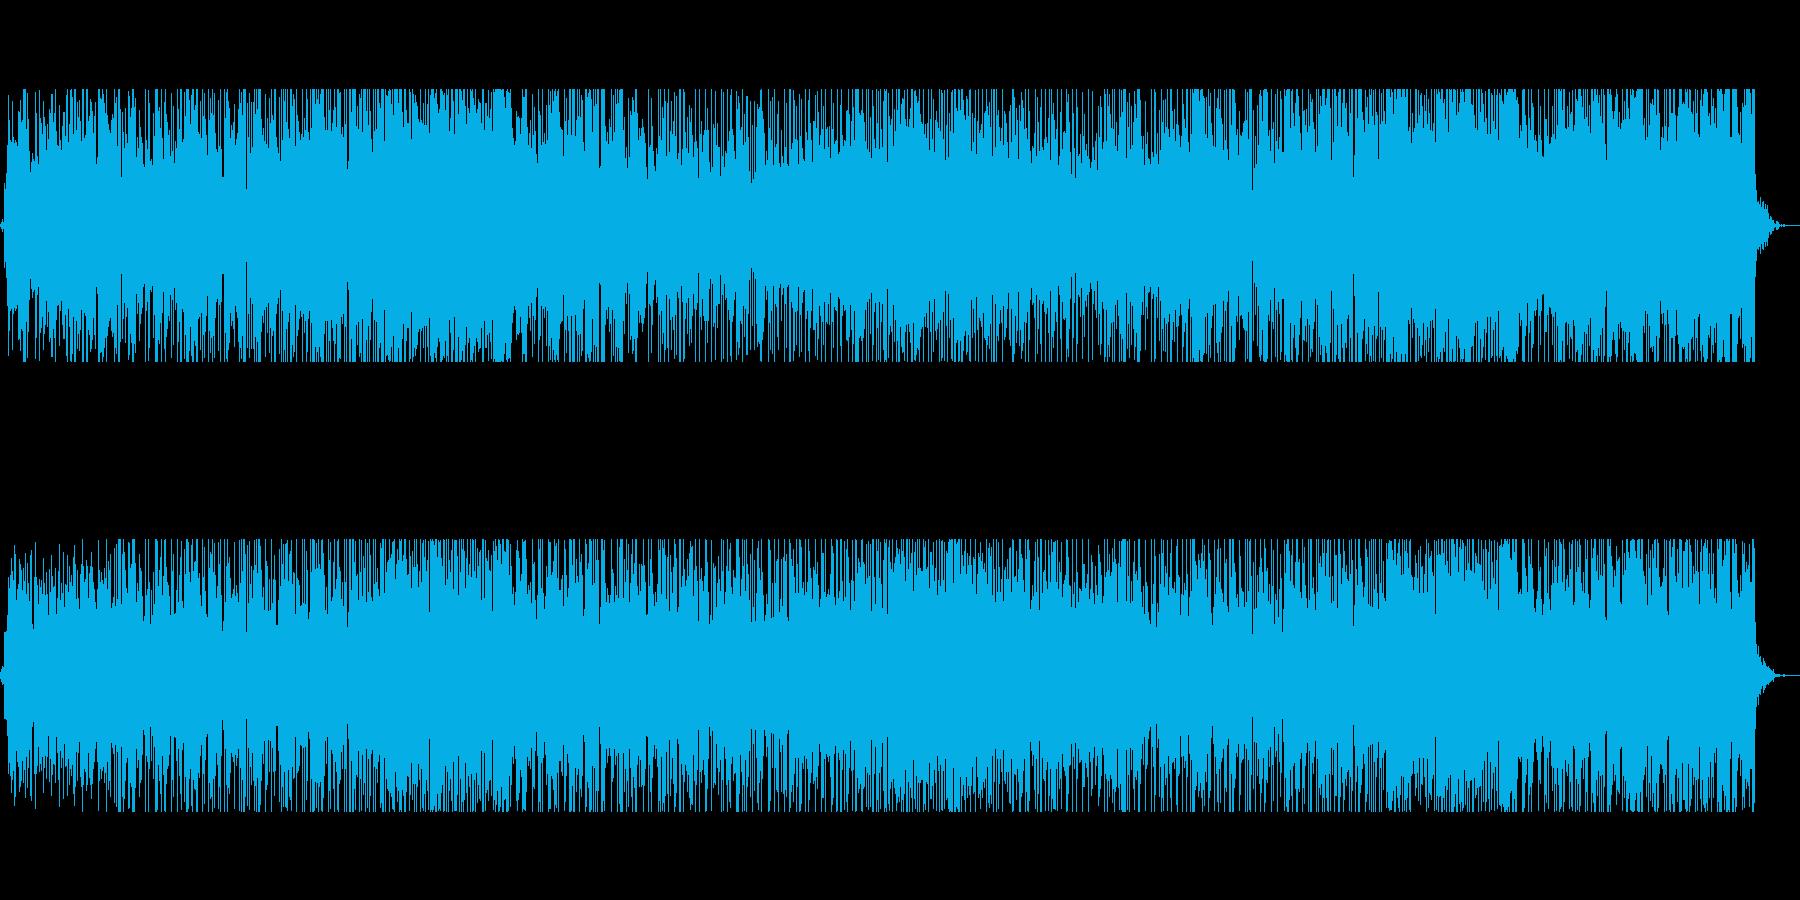 軽快で爽やかな王道ギターフュージョンの再生済みの波形